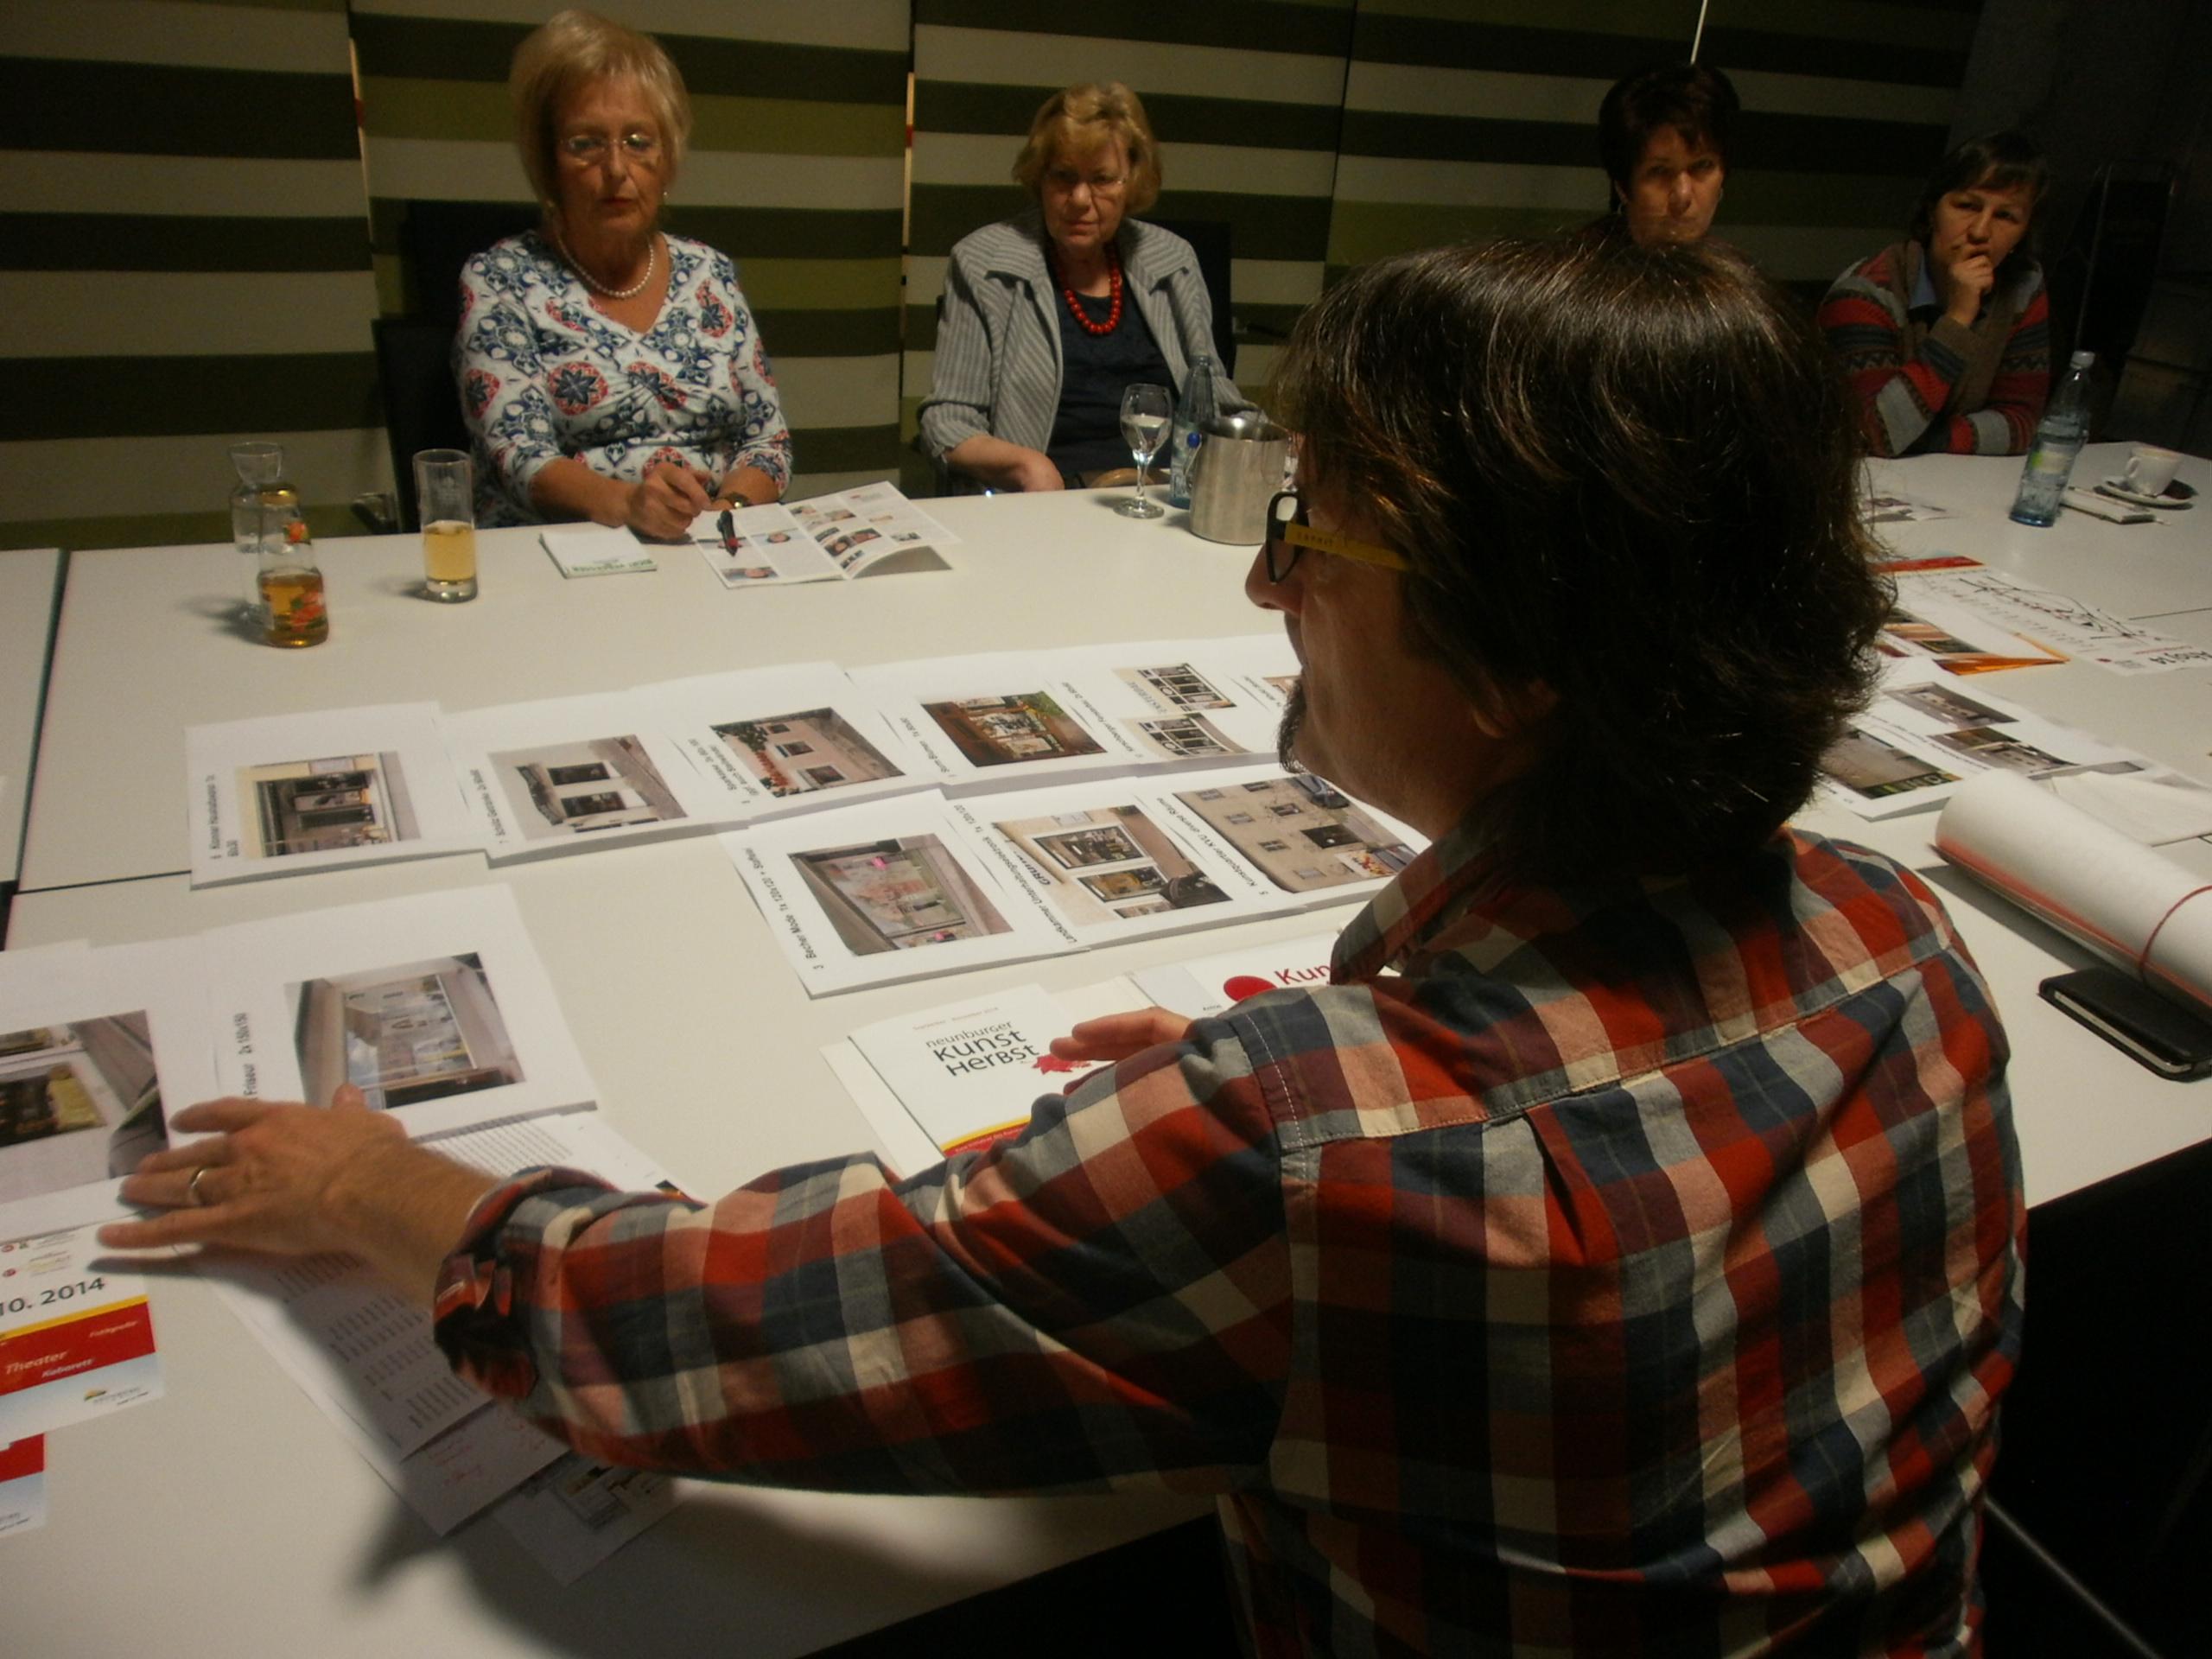 Der 1. Vorsitzende Martin Schmid stellt die 17 Kunststationen vor.